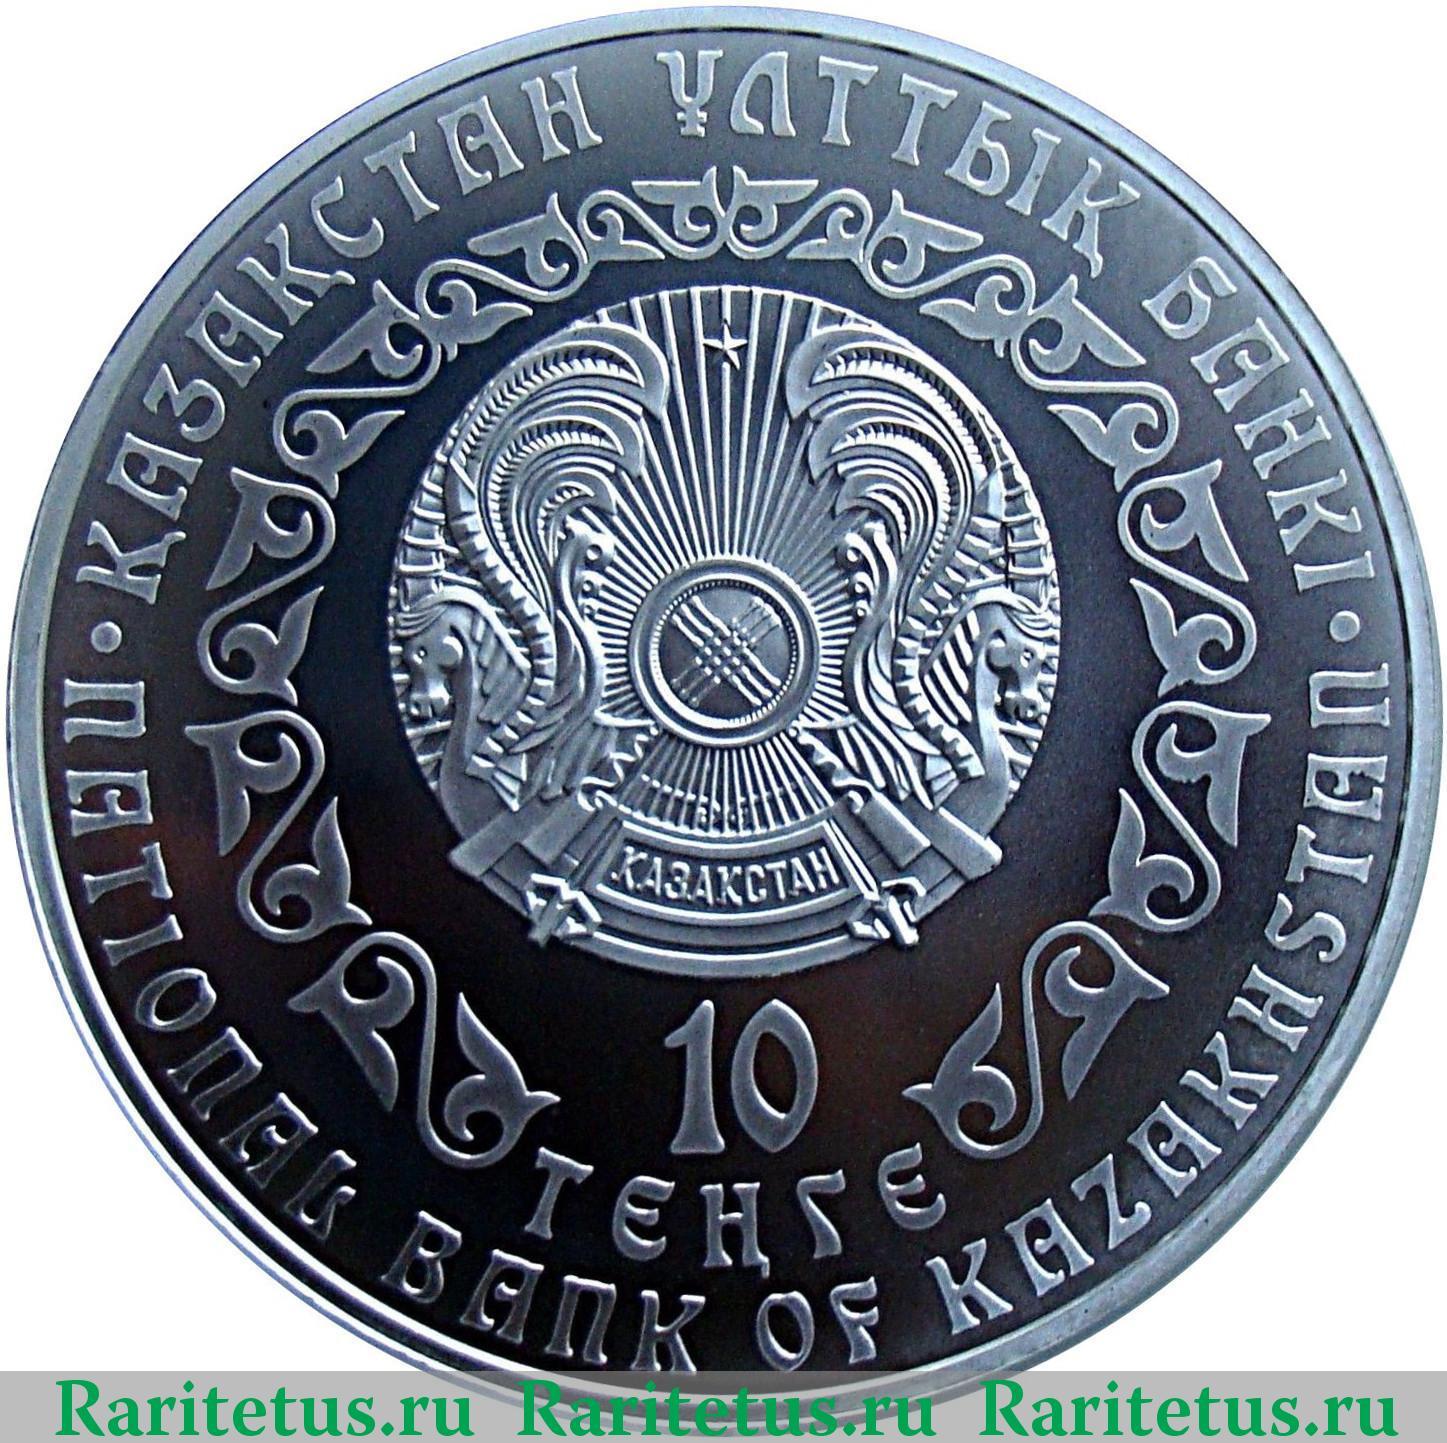 Сколько стоят 10 тенге 2010 гола куплю рубль 1896 года